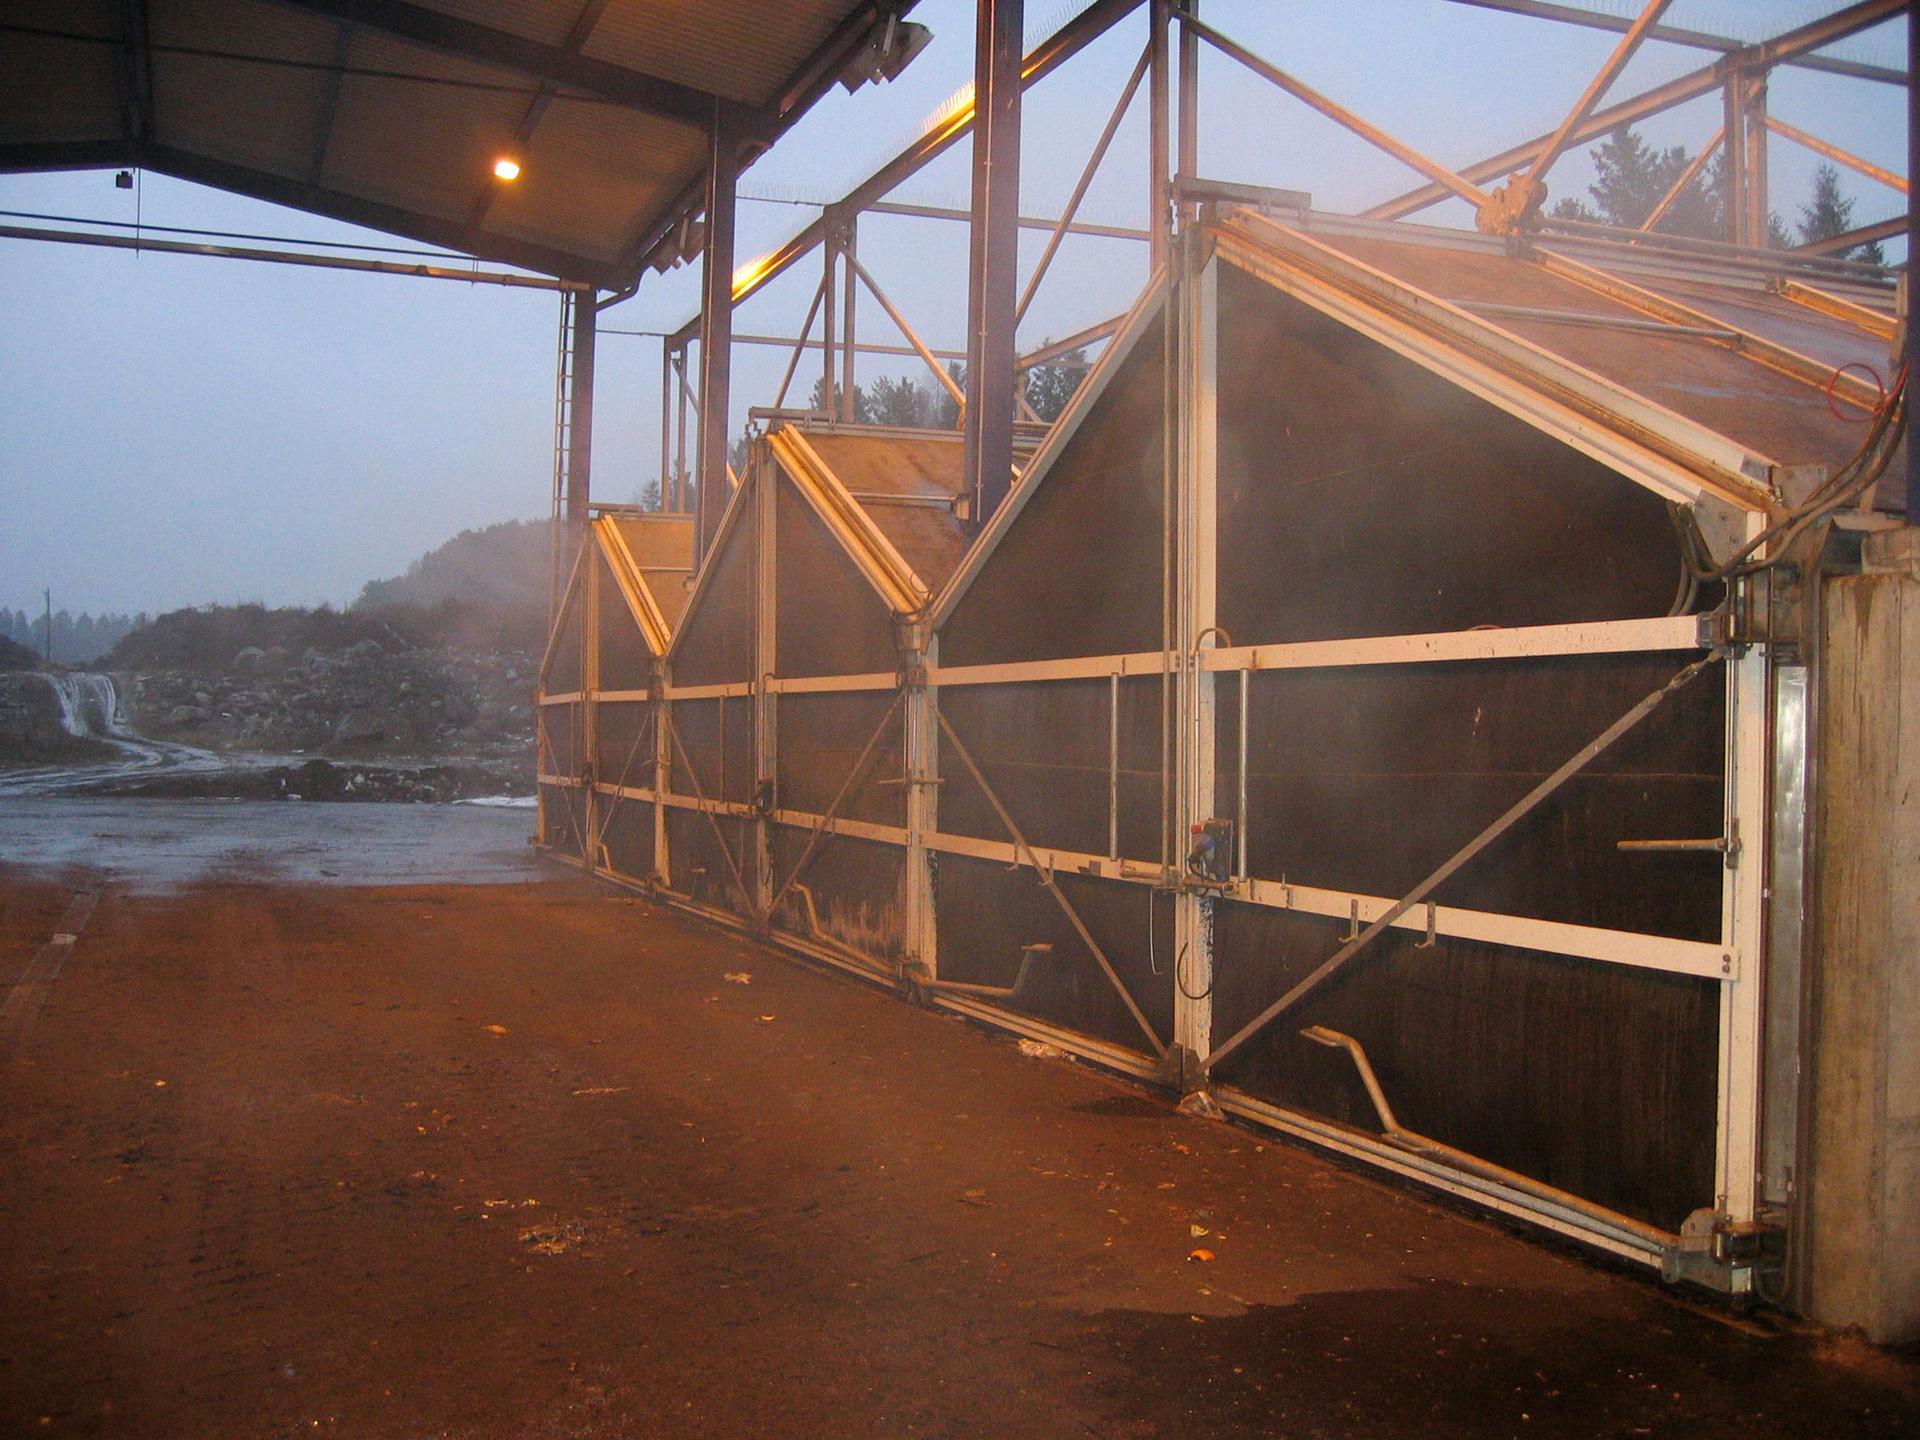 Tekninen päällikkö Elina Tiira Pirkanmaan Jätehuolto Oy:stä kertoo, että kompostointilaitoksen toiminta pyritään suunnittelemaan niin, ettei Tarastenjärven lähettyvillä asuville aiheutuisi hajuhaittoja. Kuva: Pirkanmaan Jätehuolto Oy